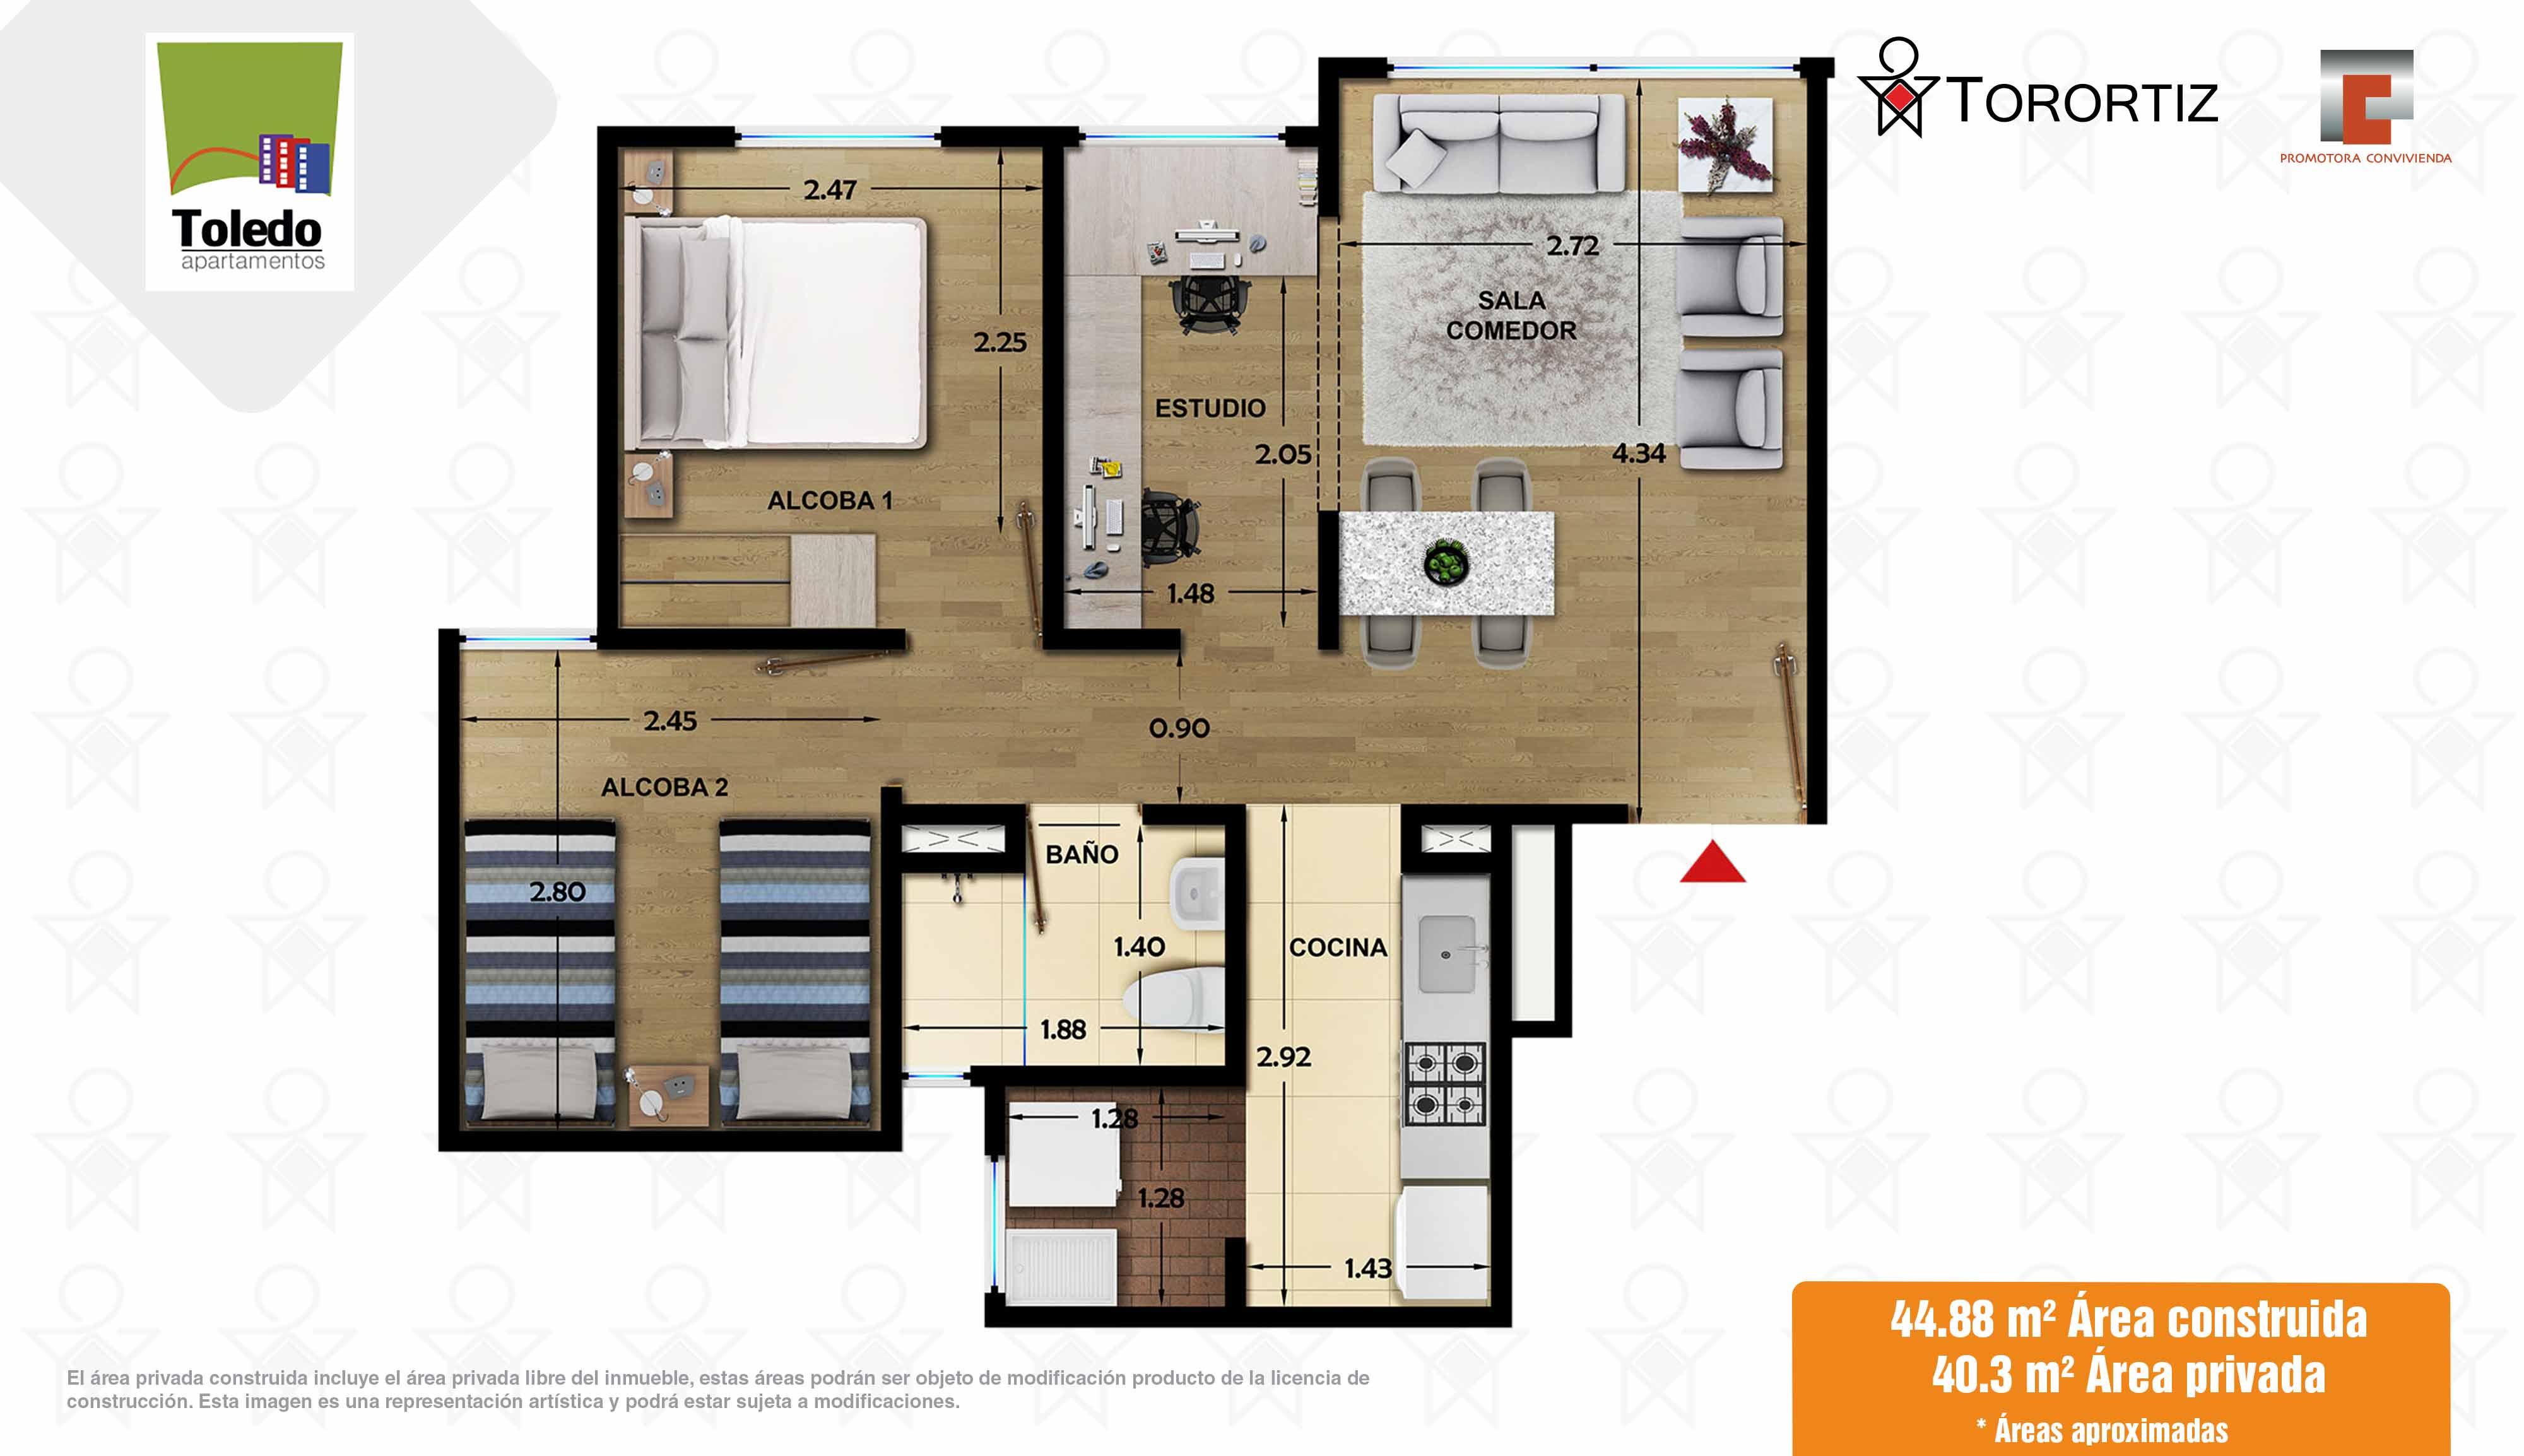 Apartamento_tipo_D_44_m²_Toledo_Apartamentos_Torortiz_Nuevos_en_venta_Soacha